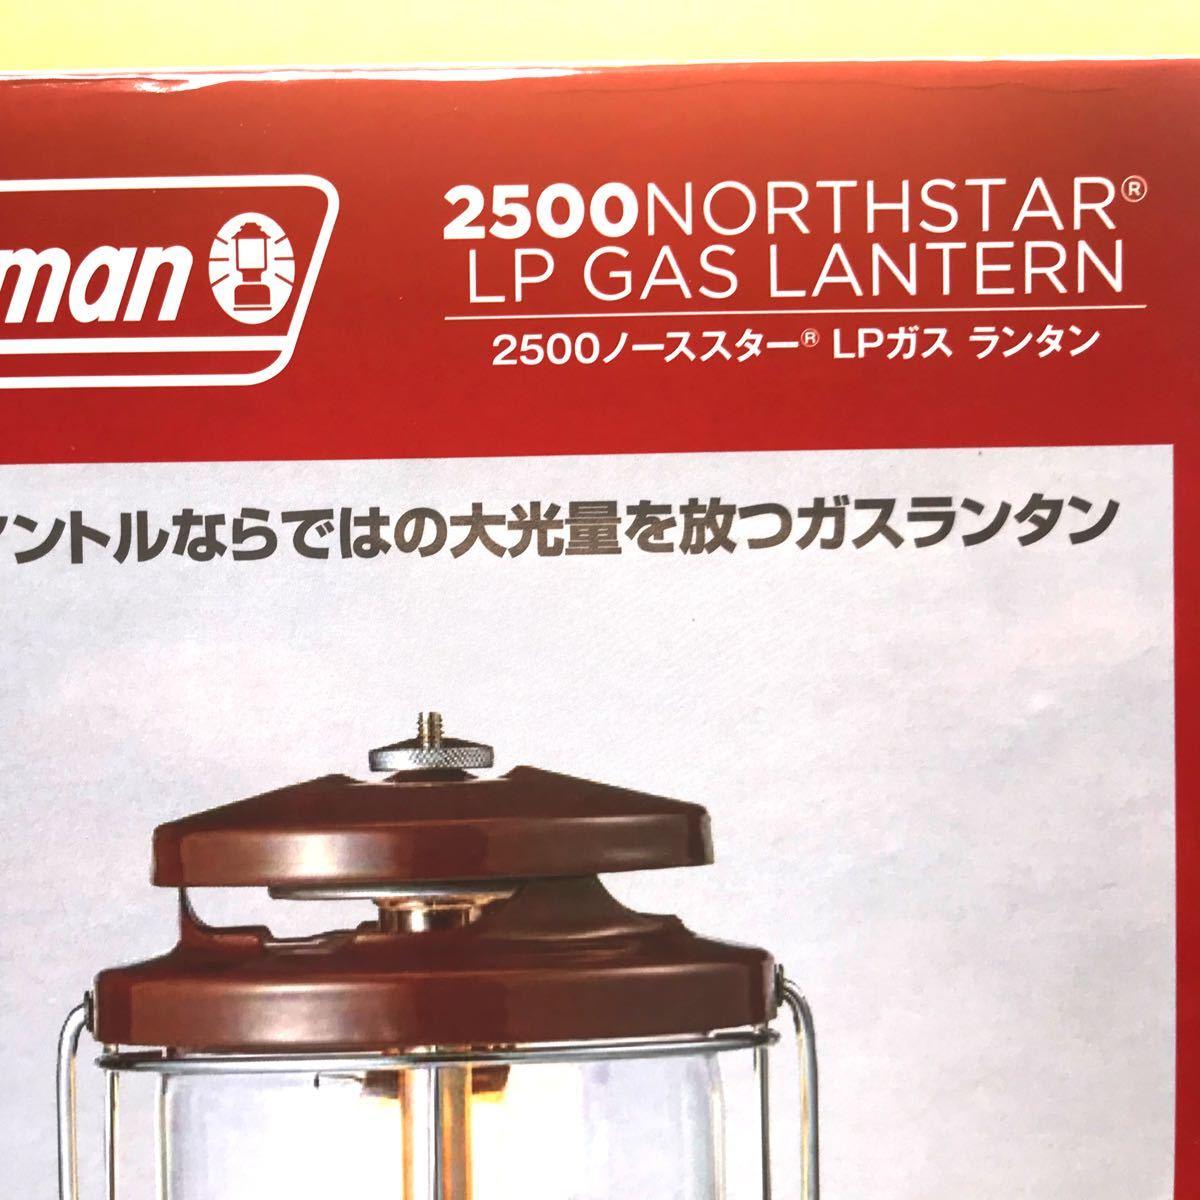 コールマン  2500 ノーススター ガスランタン バターナッツ限定カラー 新品未開封